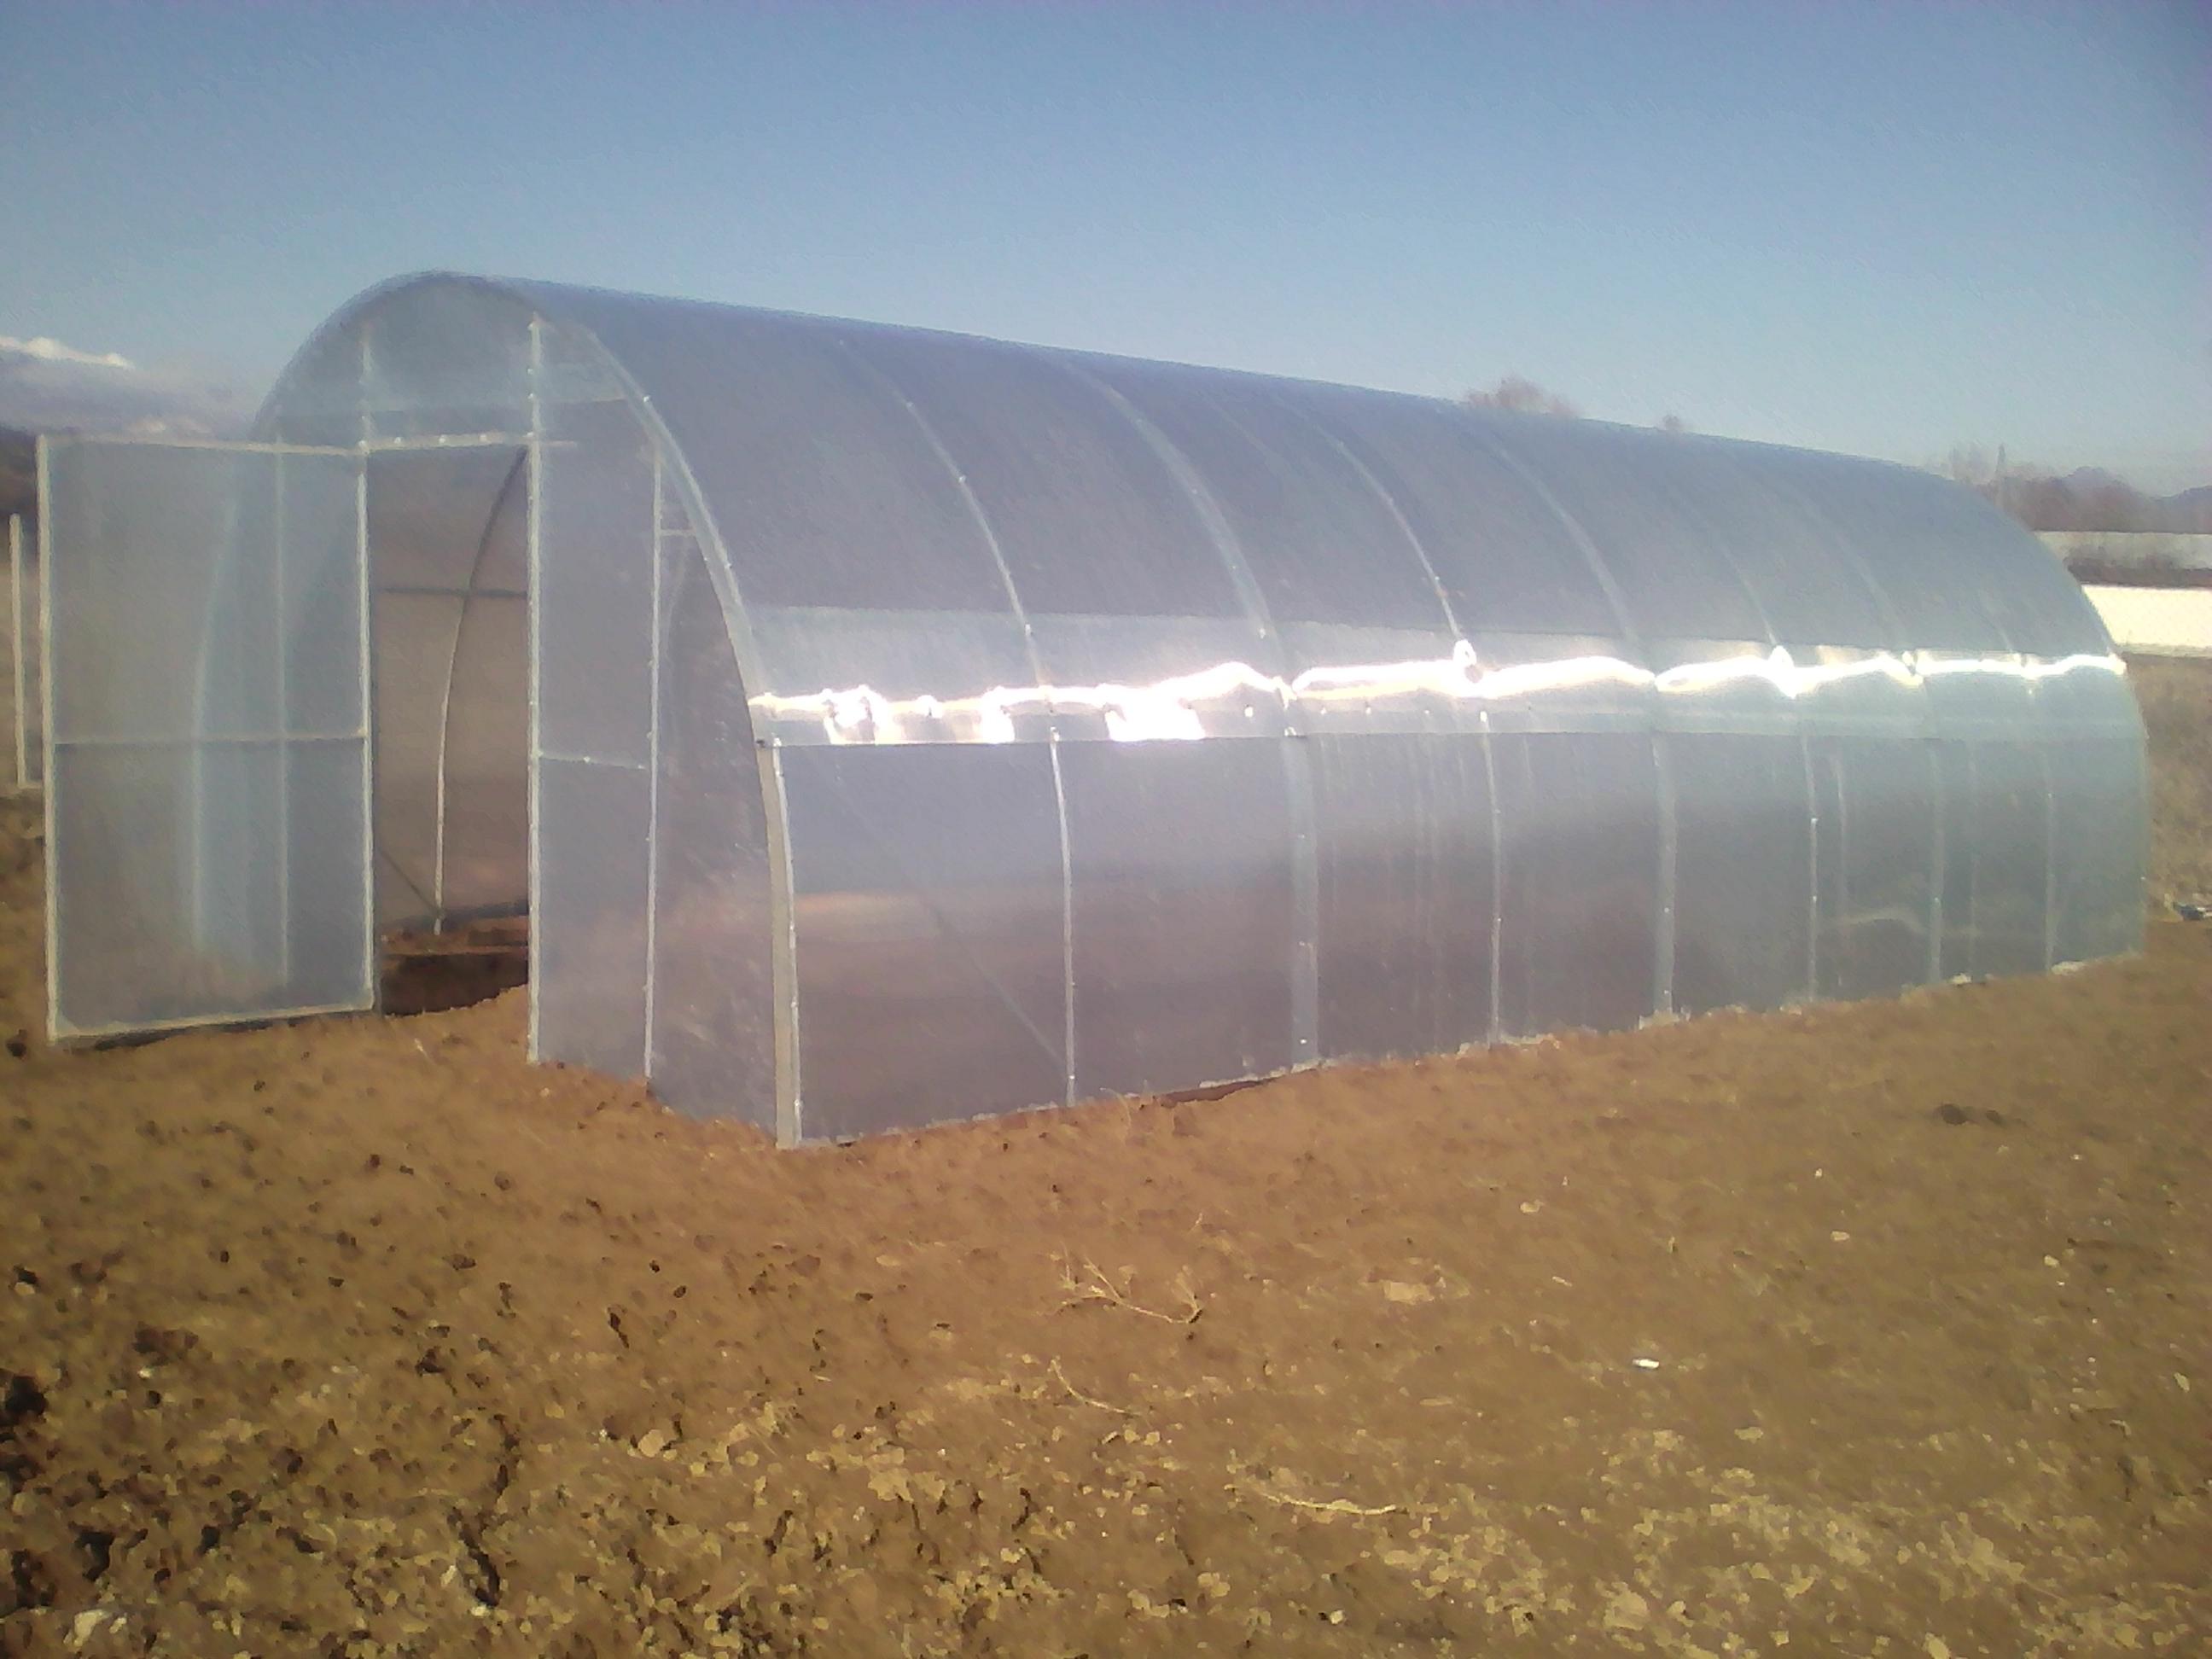 градински оранжерии от поцинковани тръби и поликарбонат